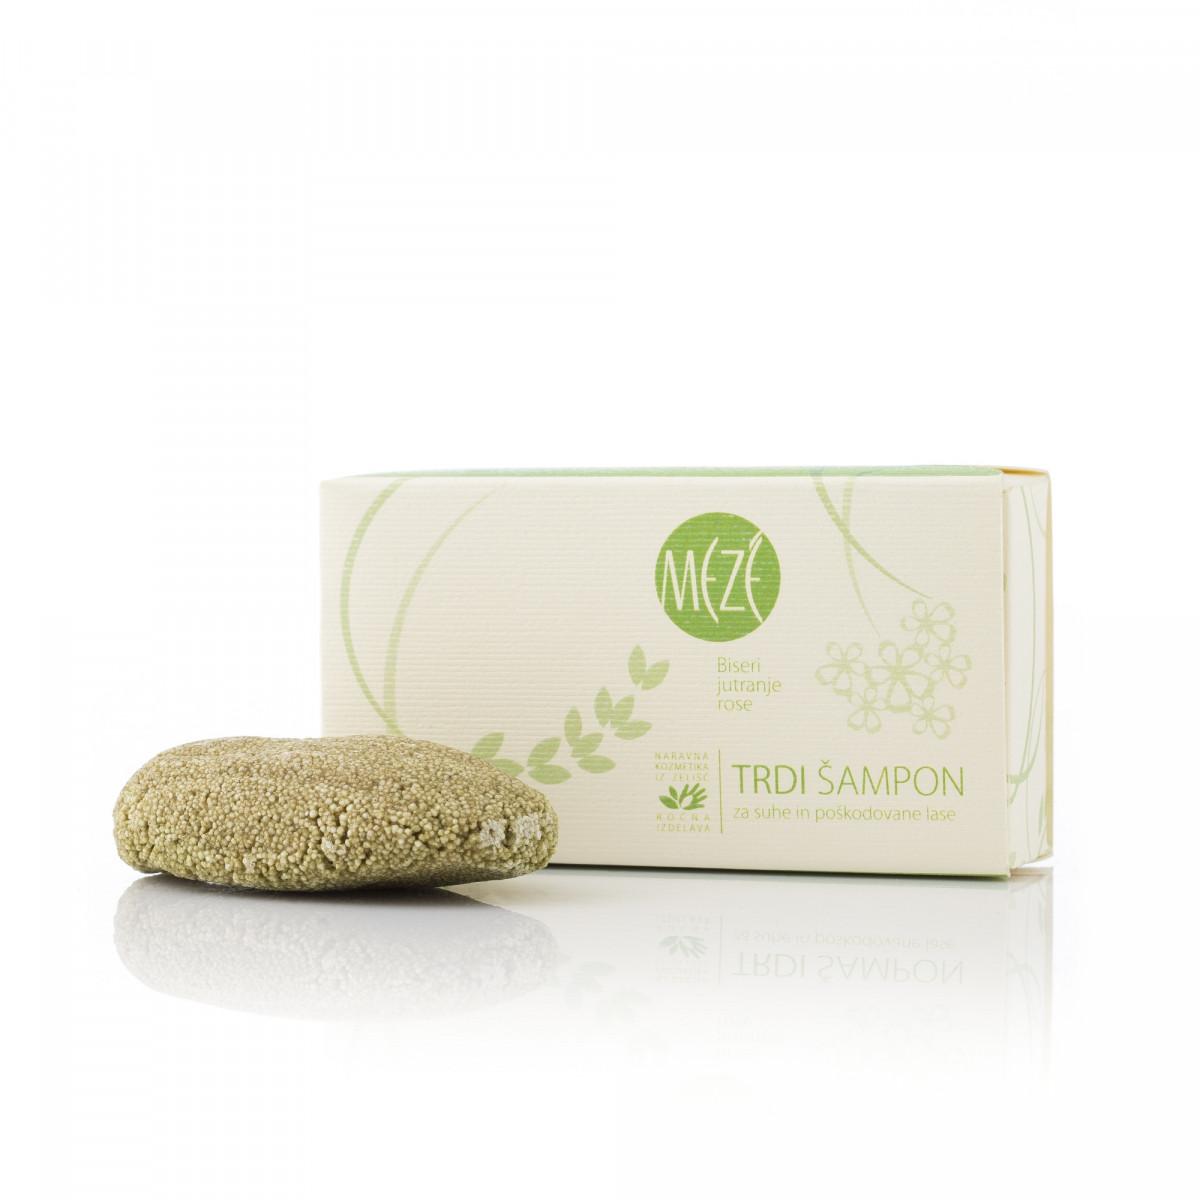 Trd šampon za suhe in poškodovane lase